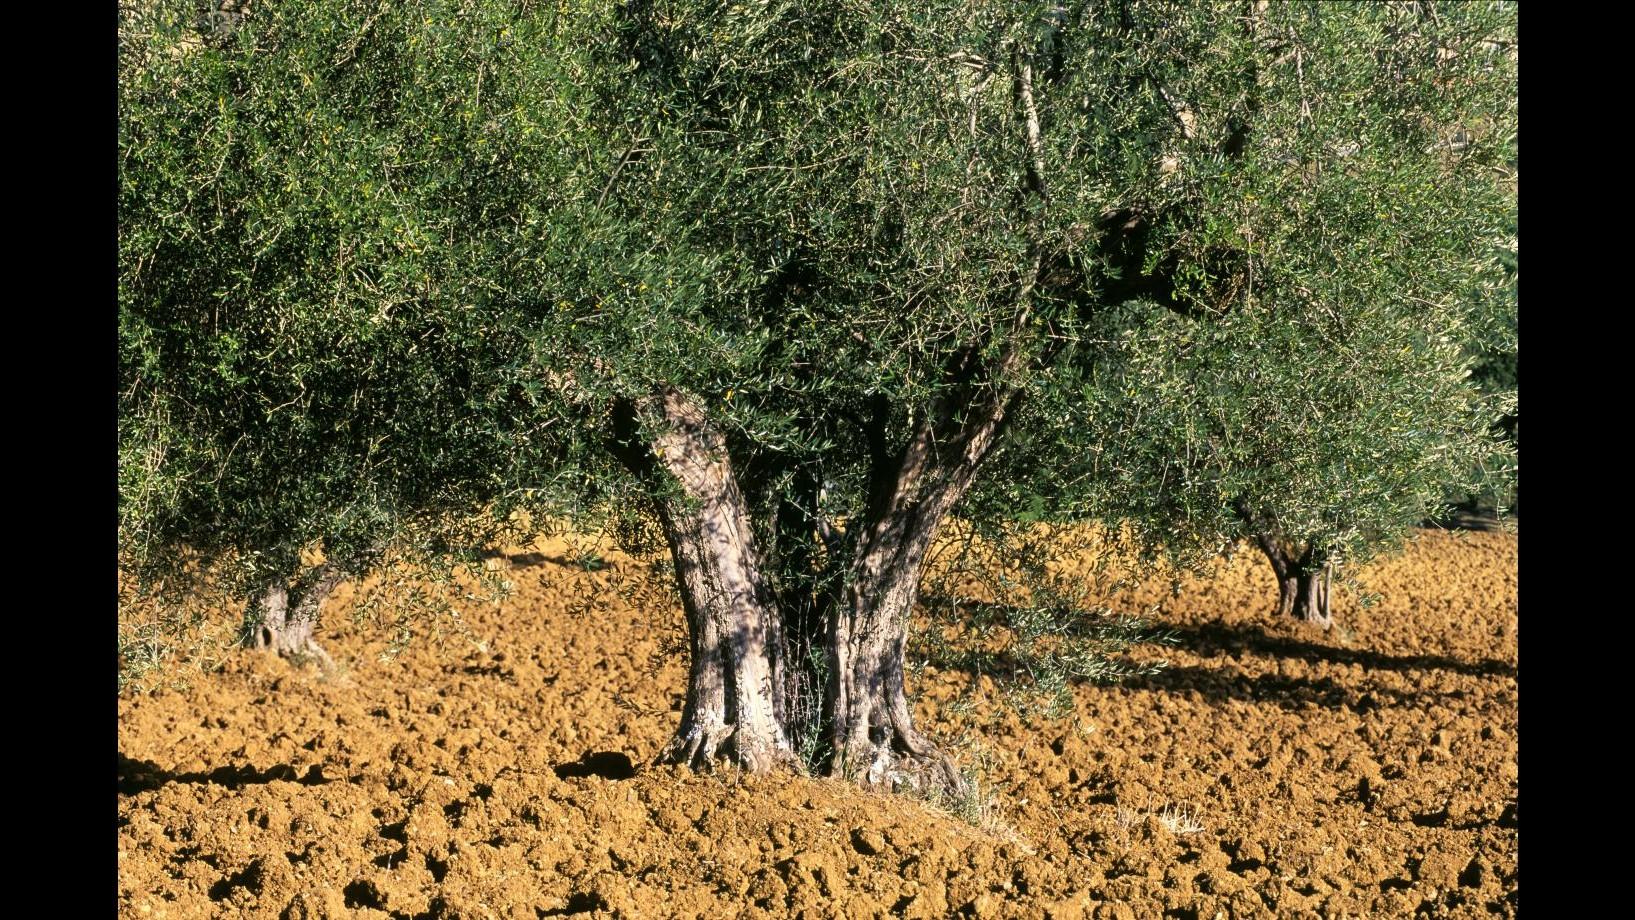 Coldiretti: Attenzione a olio sotto 6-7 euro, guardare anno produzione